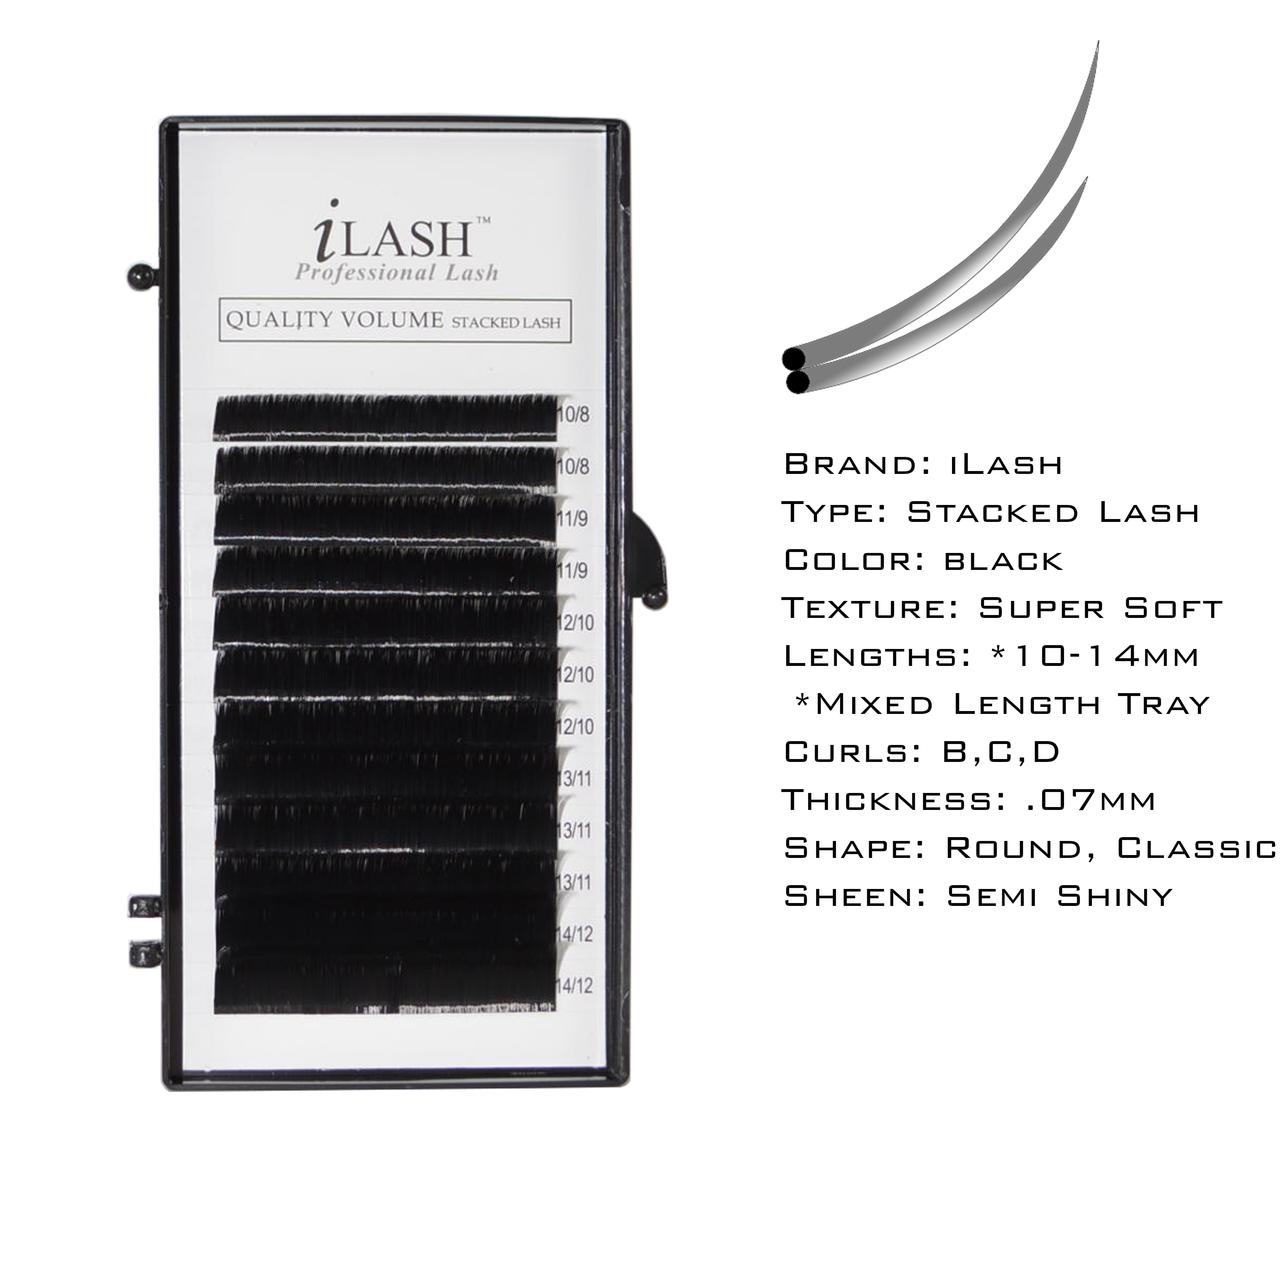 a95f35aecb4 iLash Stacked Lash - Mixed Length Tray - iLashstore.com